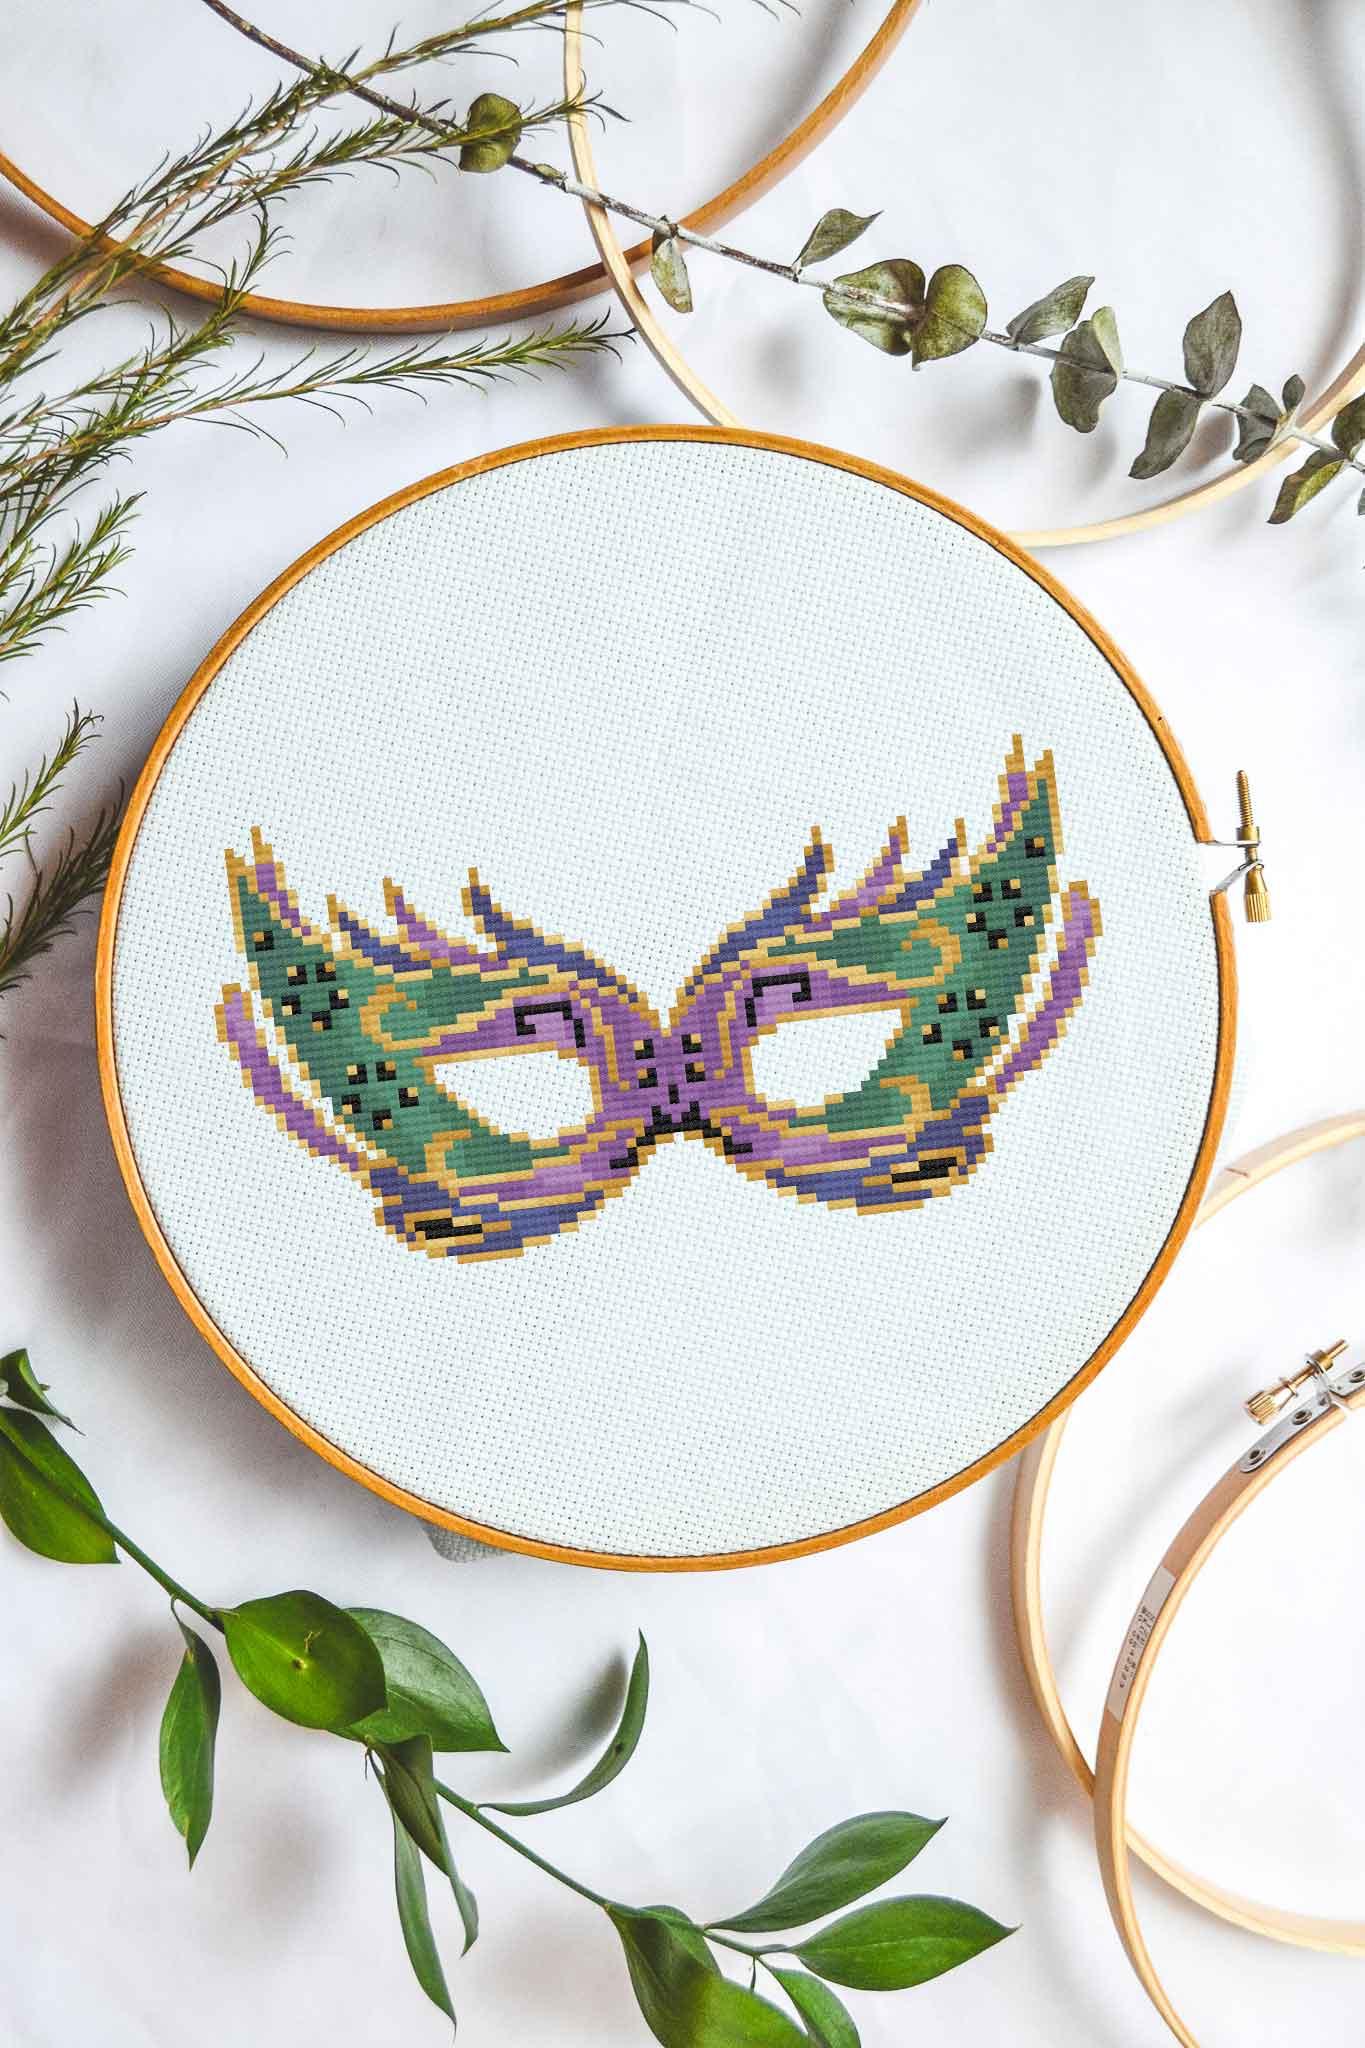 Mardi Gras Mask | Free Cross Stitch Pattern